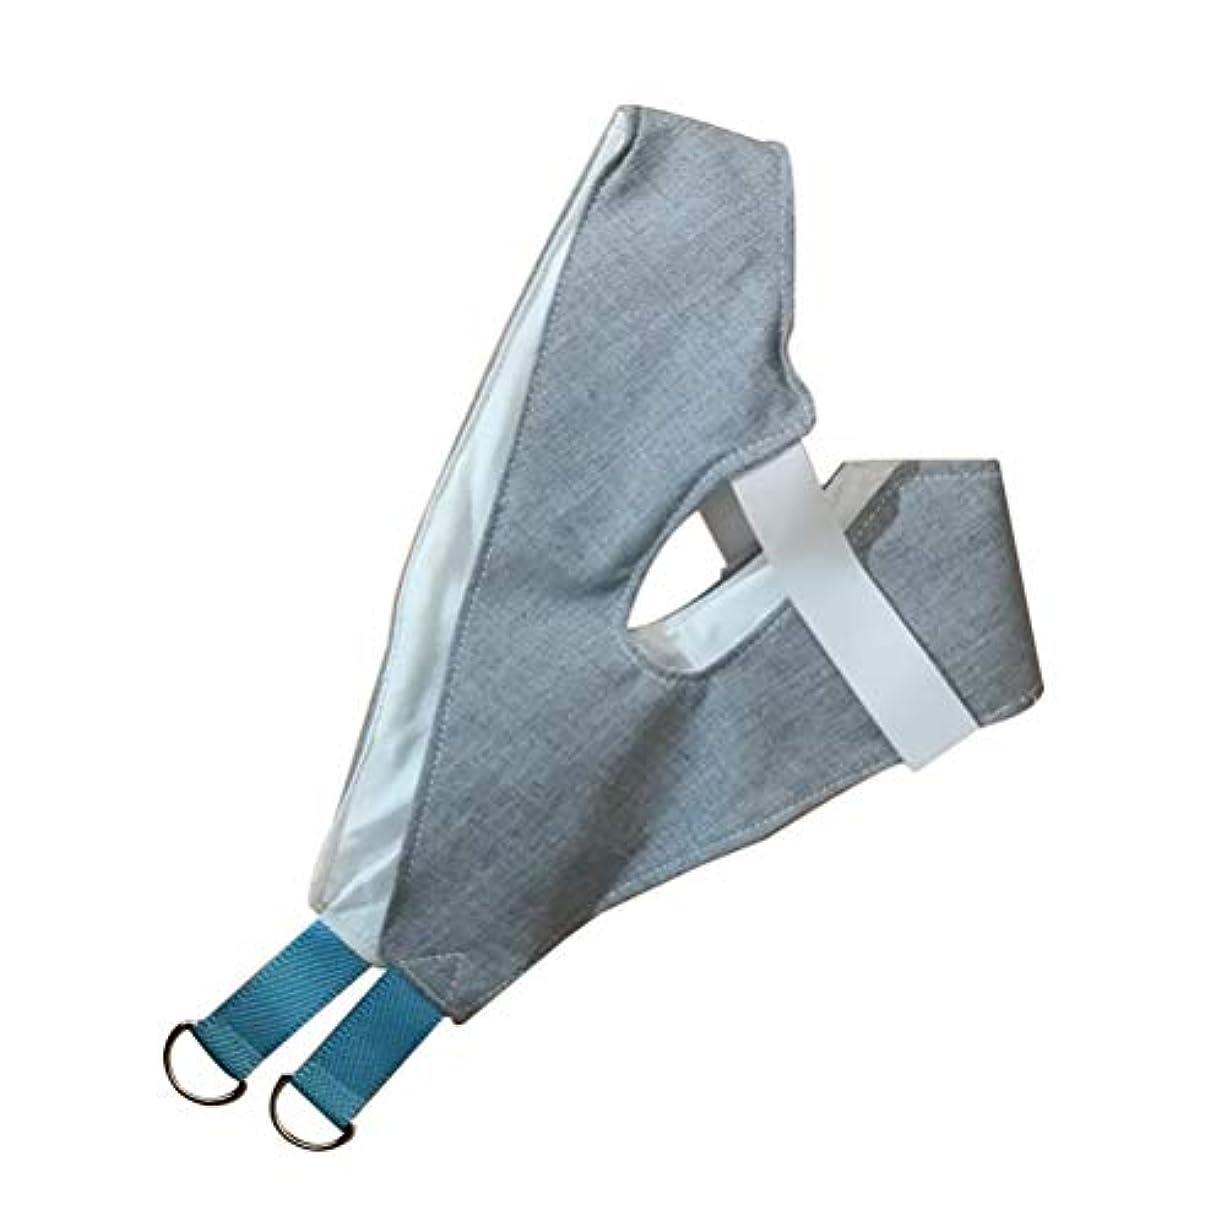 知っているに立ち寄る調和のとれたケイ素HEALLILY ホームネック牽引装置(ドアの向こう側)頸部牽引装置ユニット肩括弧頭痛緩和および回復用具(ラムダムカラー)